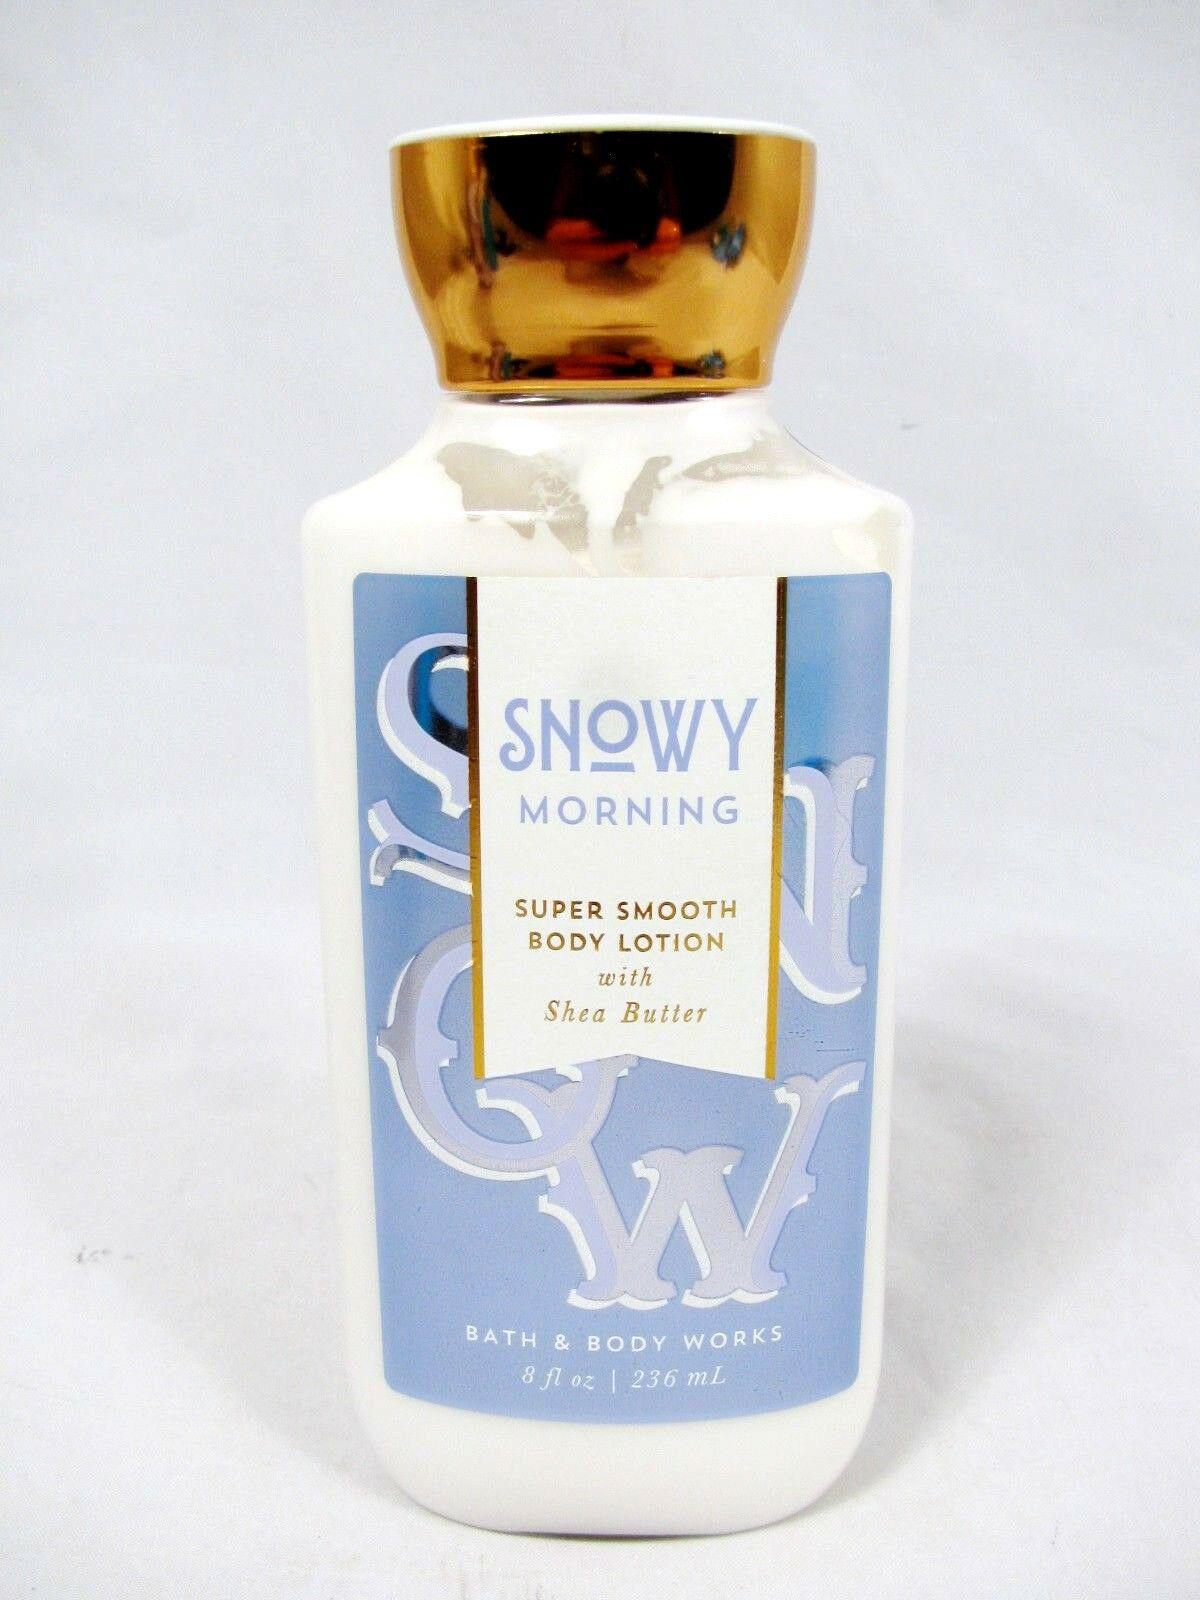 Bath body works snowy morning super smooth body lotion